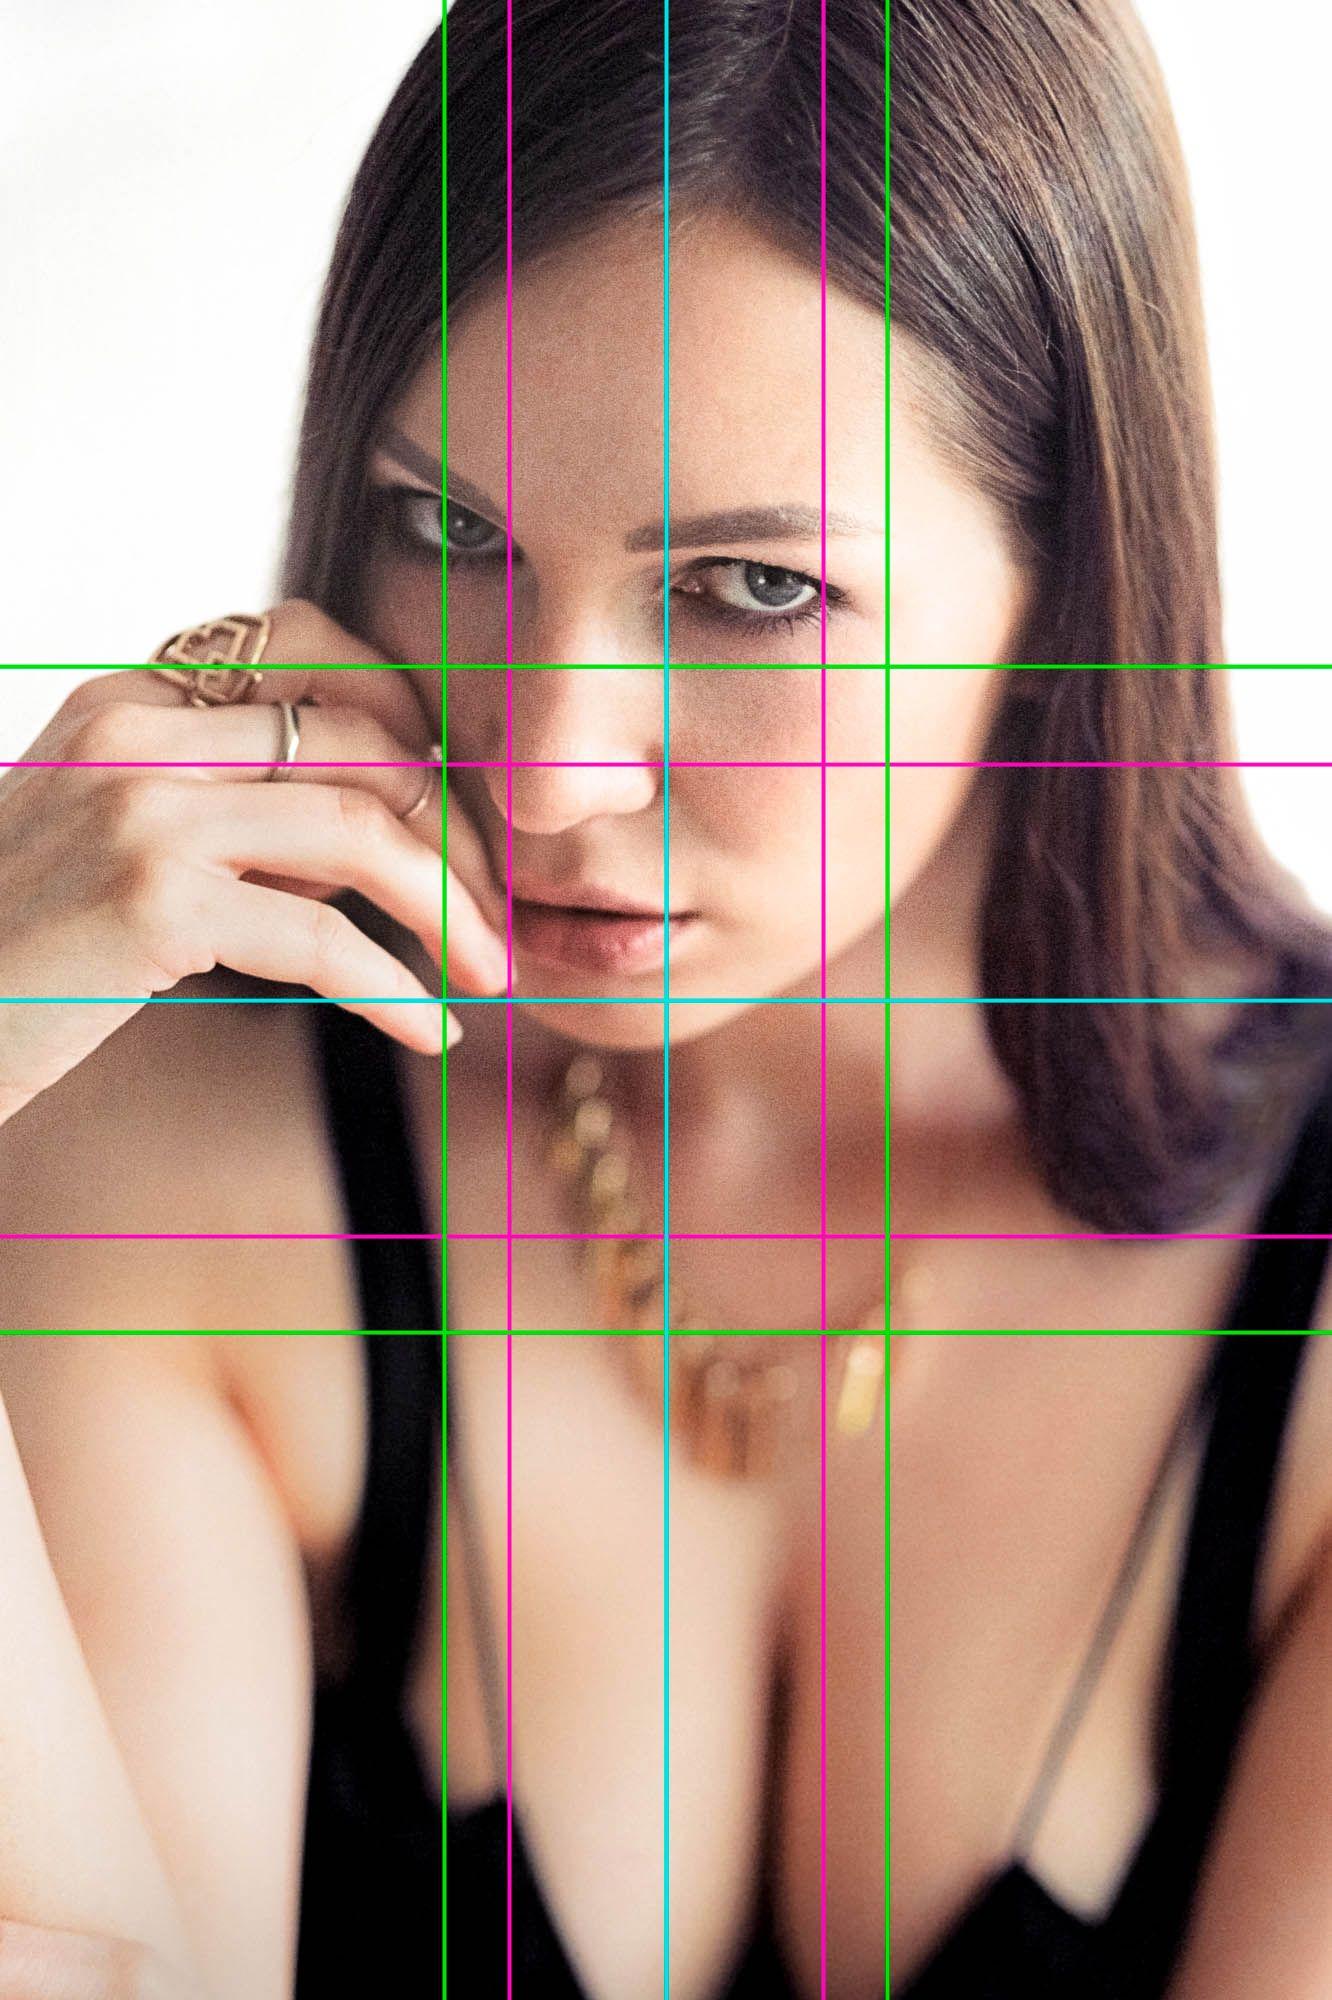 EINMALIGE VERWENDUNG Fokussiert/ Frauenportrait extrem